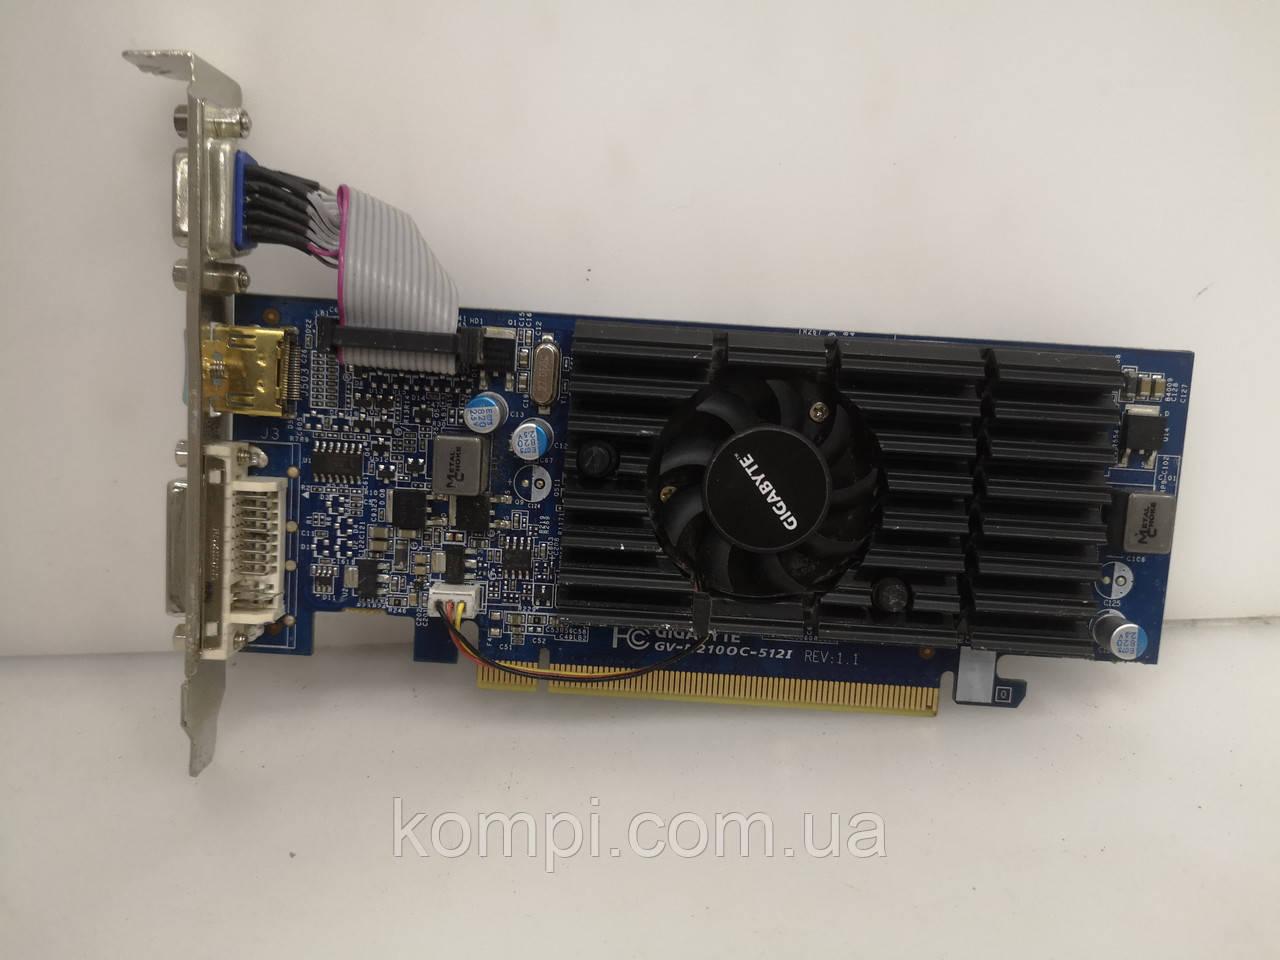 Видеокарта NVIDIA GeForce 210 512 MB PCI-e HDMI